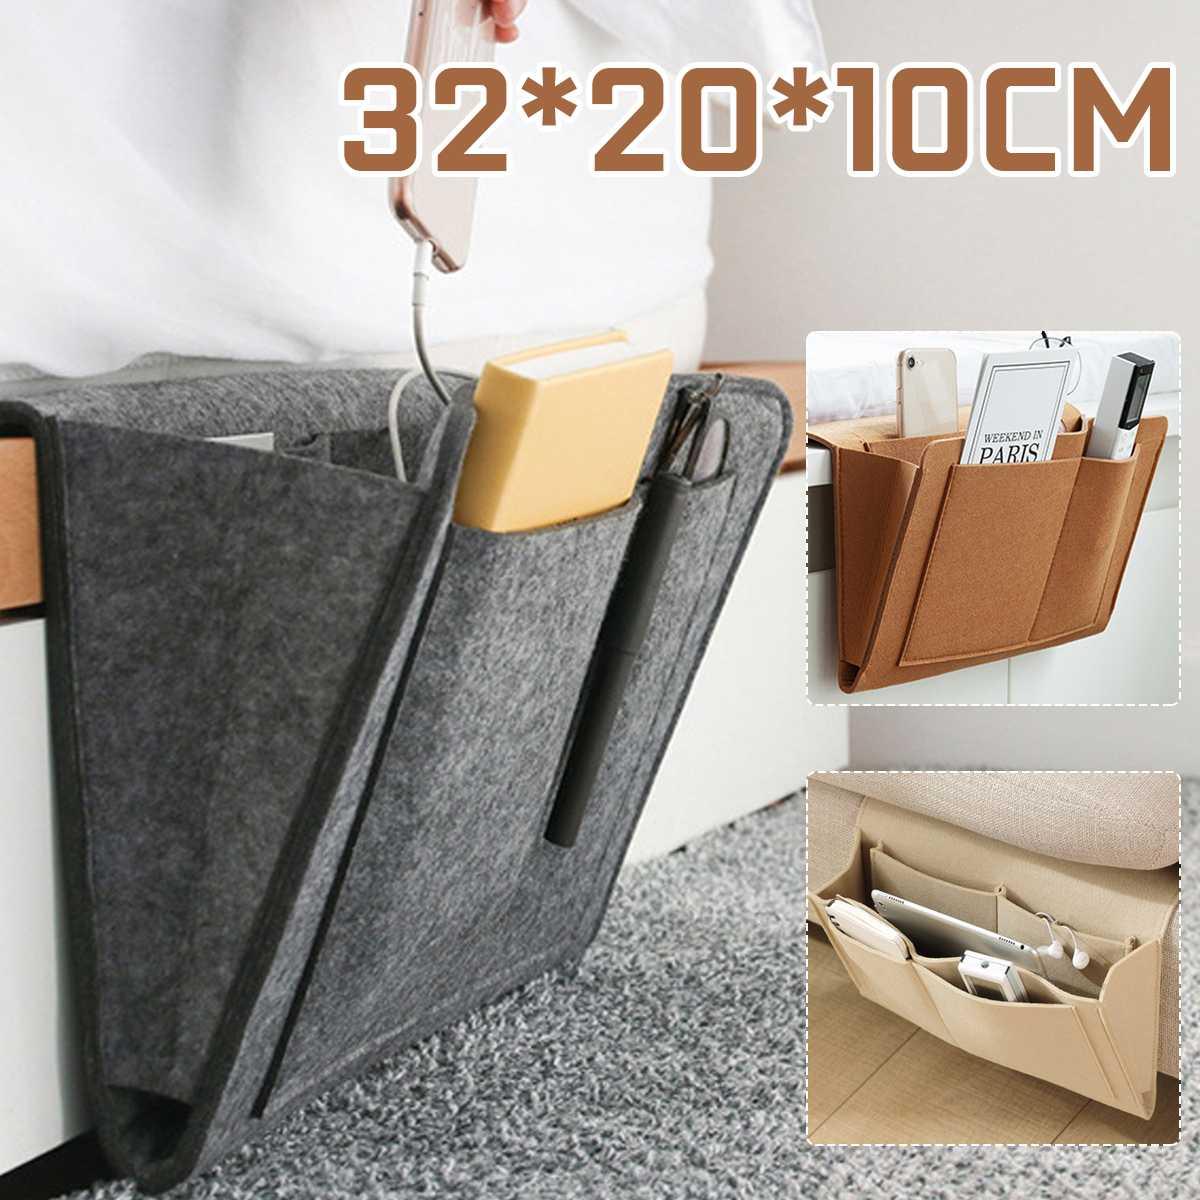 Felt Bedside Storage Organizer Bed Desk Bag Sofa TV Remote Control Hanging Books Phones Storage Organizer Bed Holder Pockets